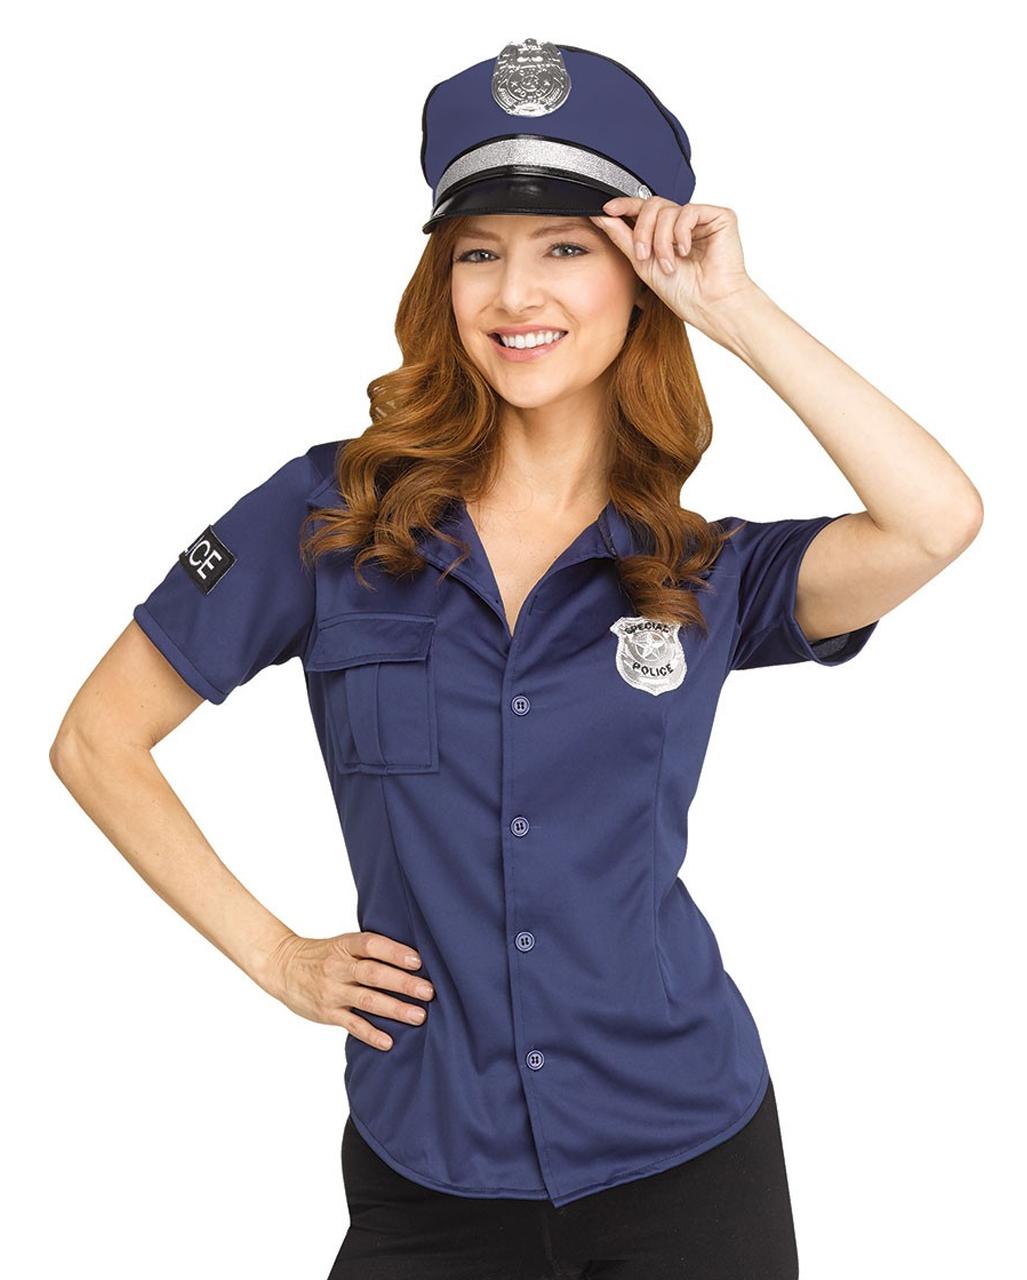 Polizei Kostum Shirt Fur Frauen Als Accessoire Karneval Universe